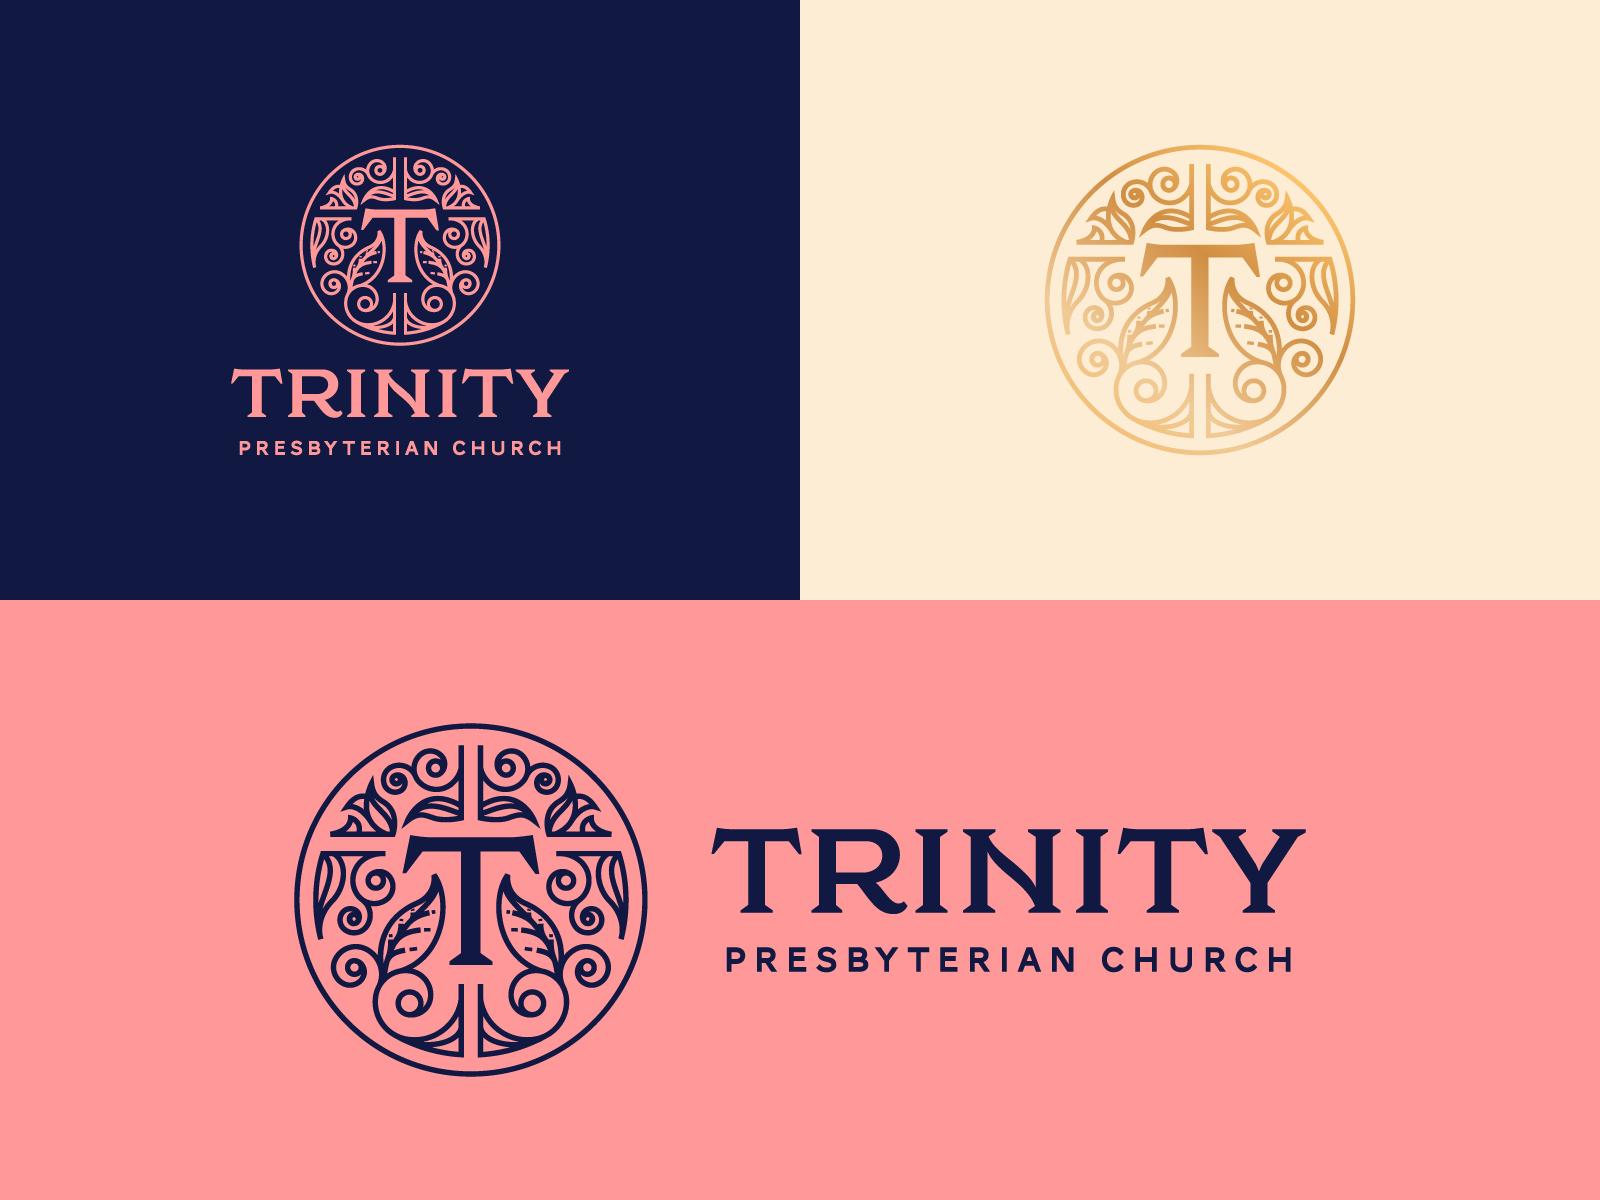 Trinity Presbyterian Church San Diego.